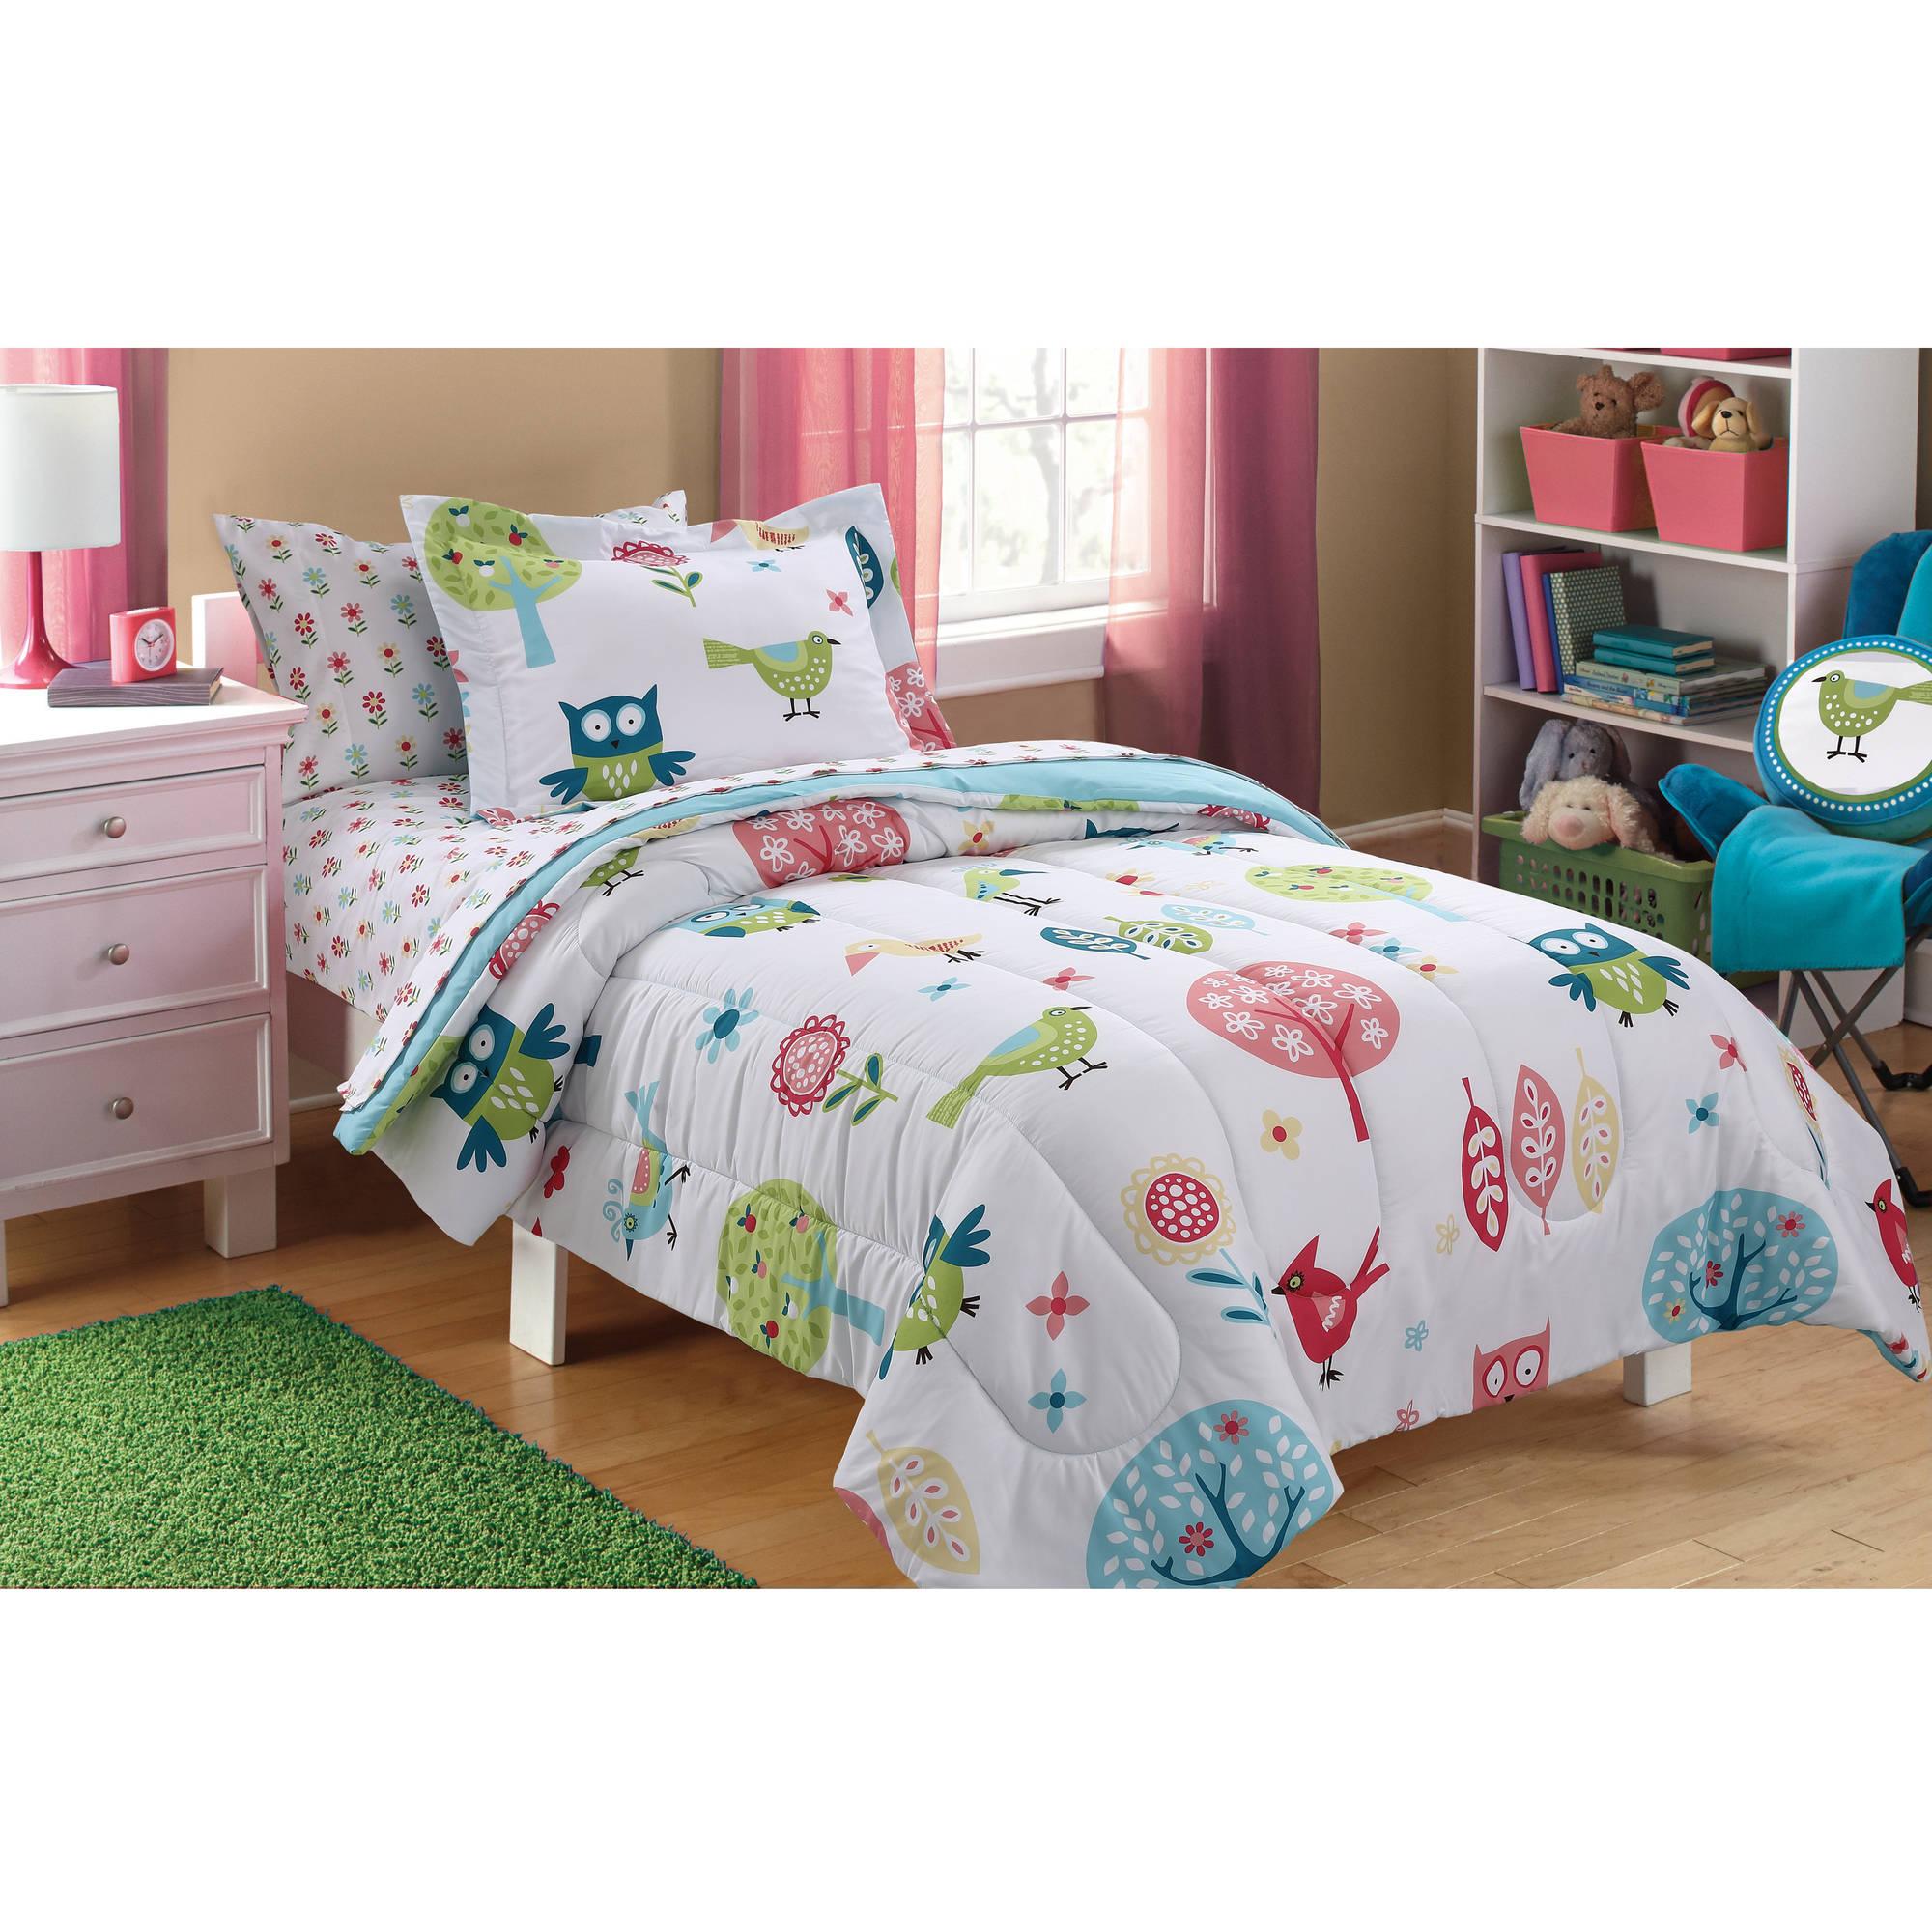 Mainstays Kids Woodland Bed in a Bag Bedding Set